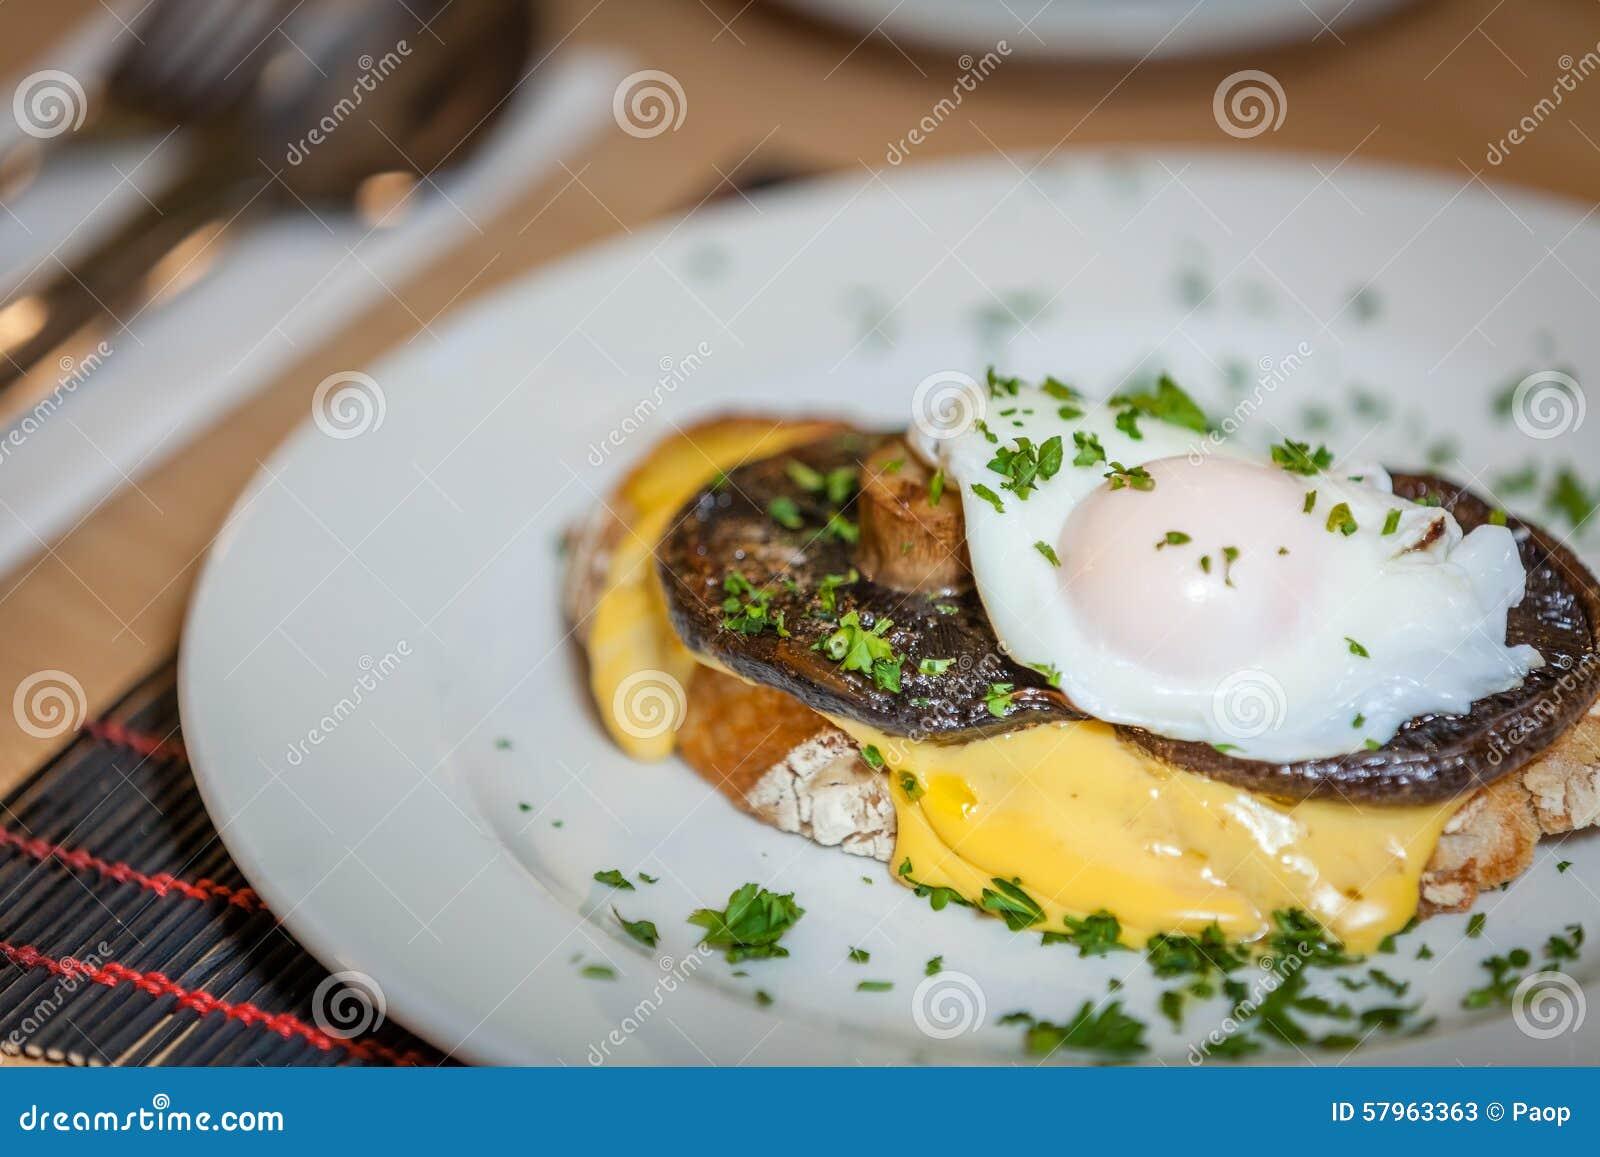 eggs benedict quesadillas benedict eggs benedict eggs benedict ...